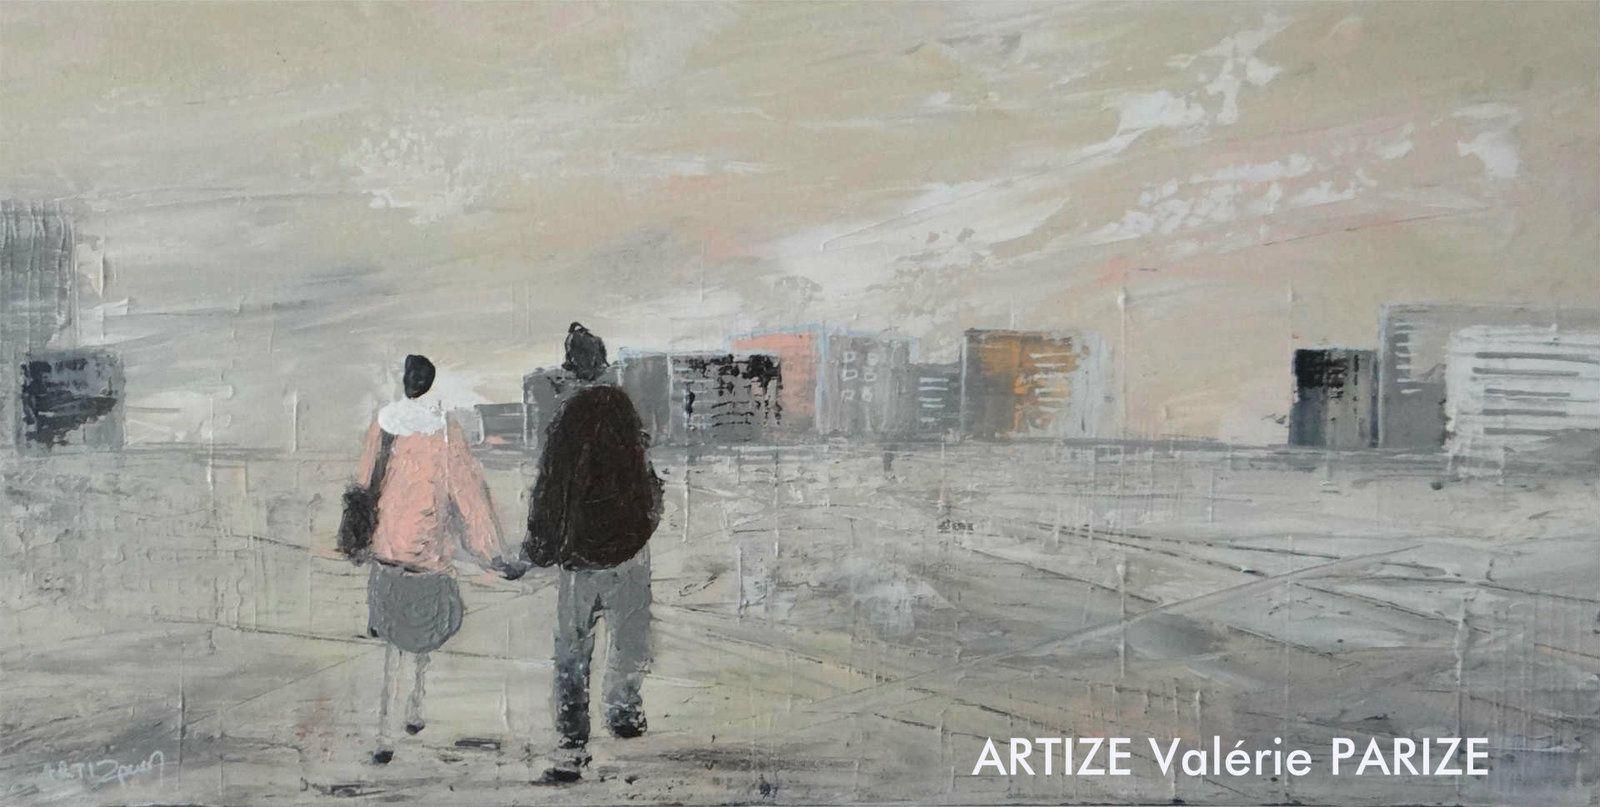 En rentrant chez soi ! peinture acrylique sur toile, format : 30x60 cm, disponible